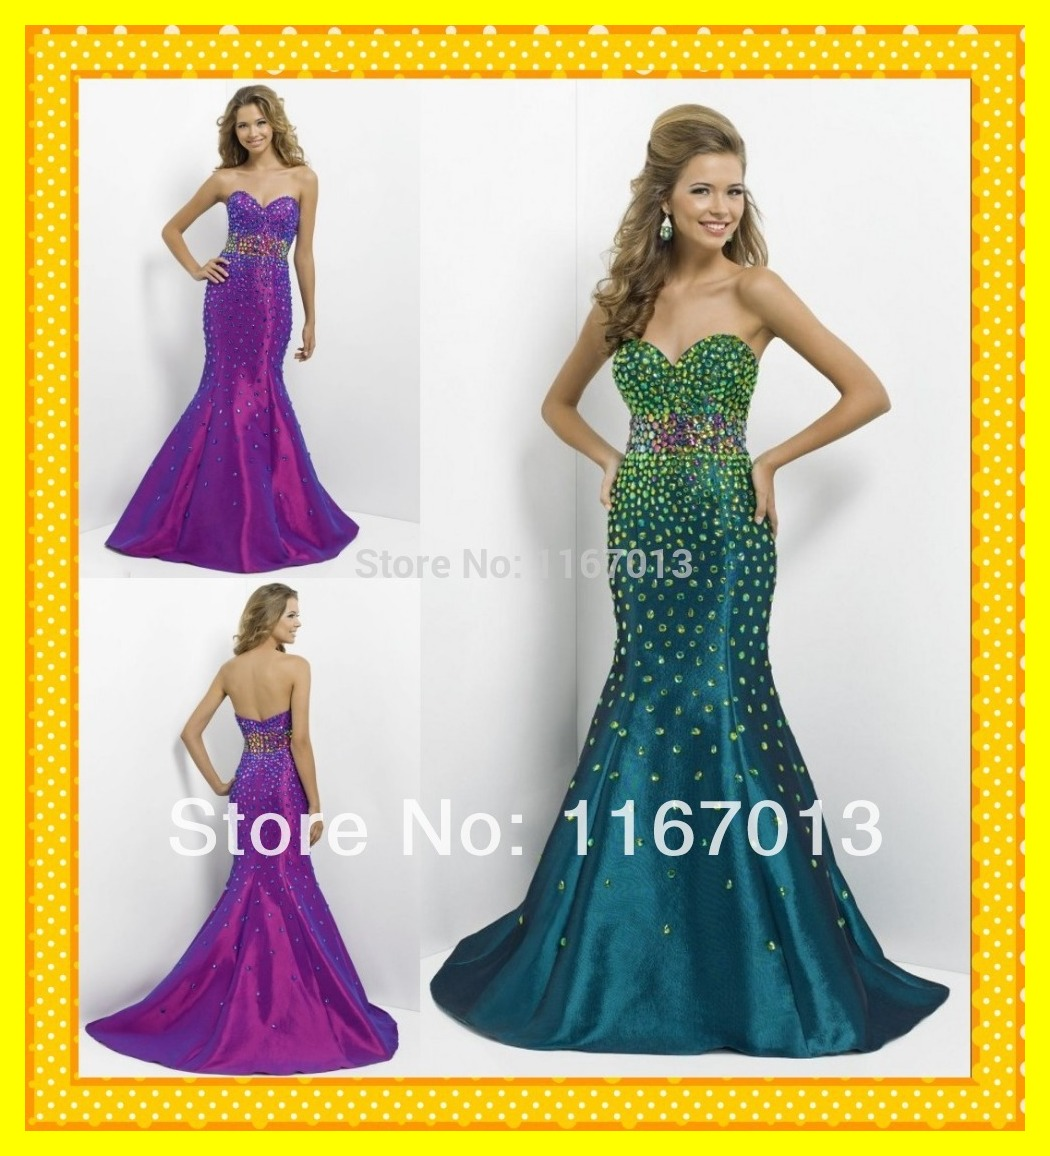 Prom Dress Website - Dress Xy